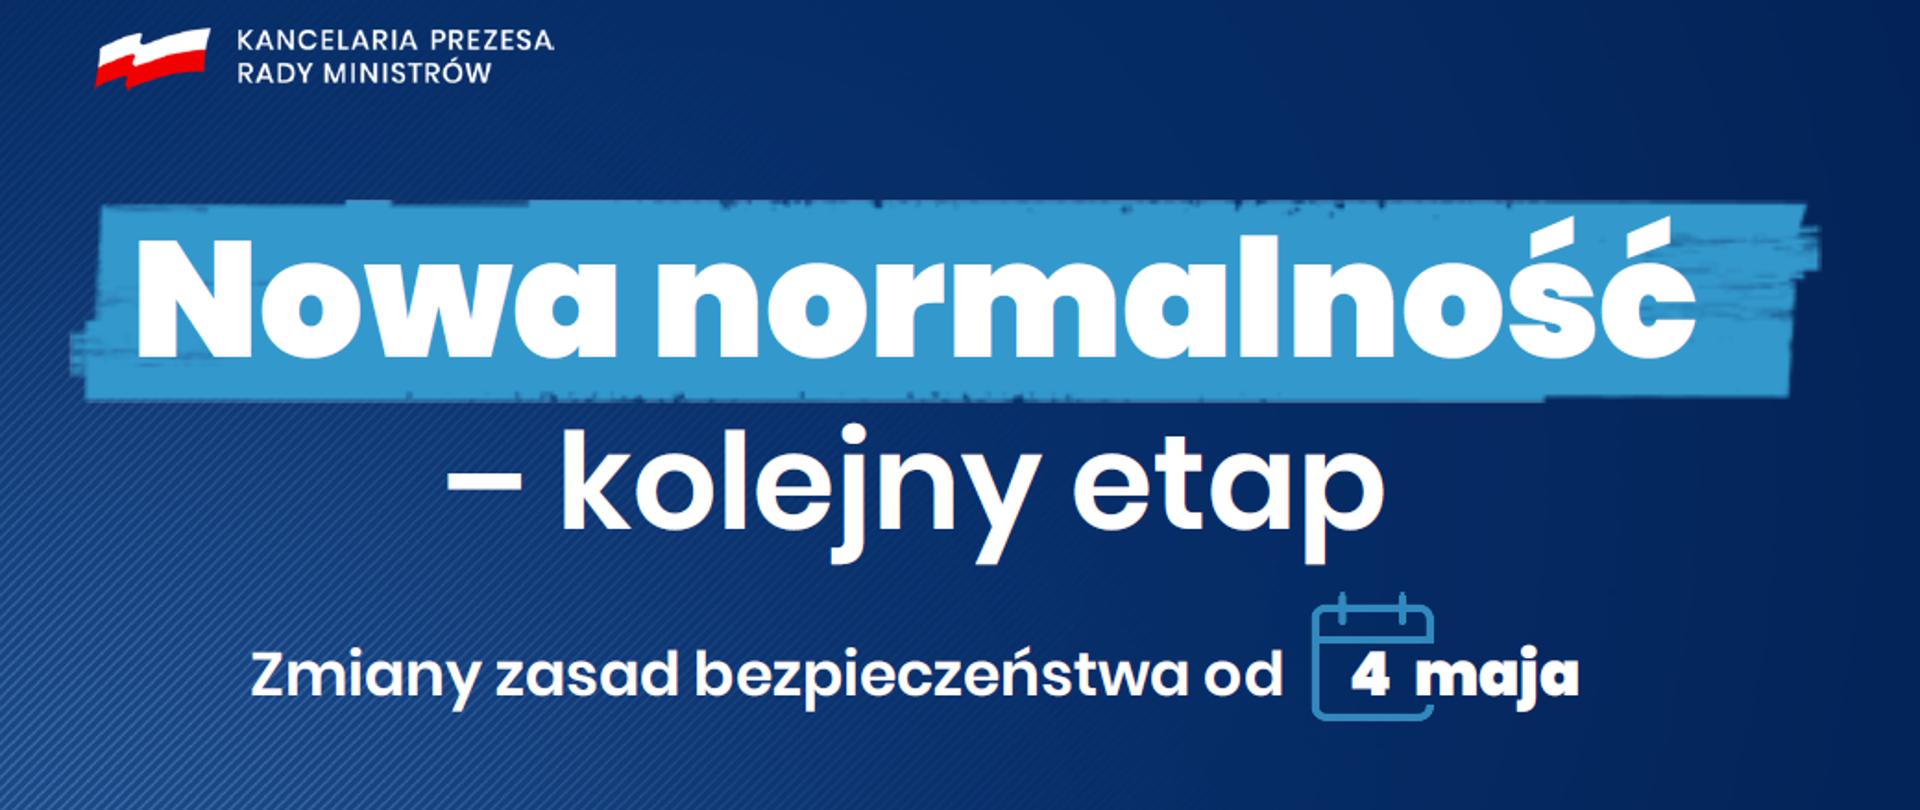 Nowa normalność: kolejny etap